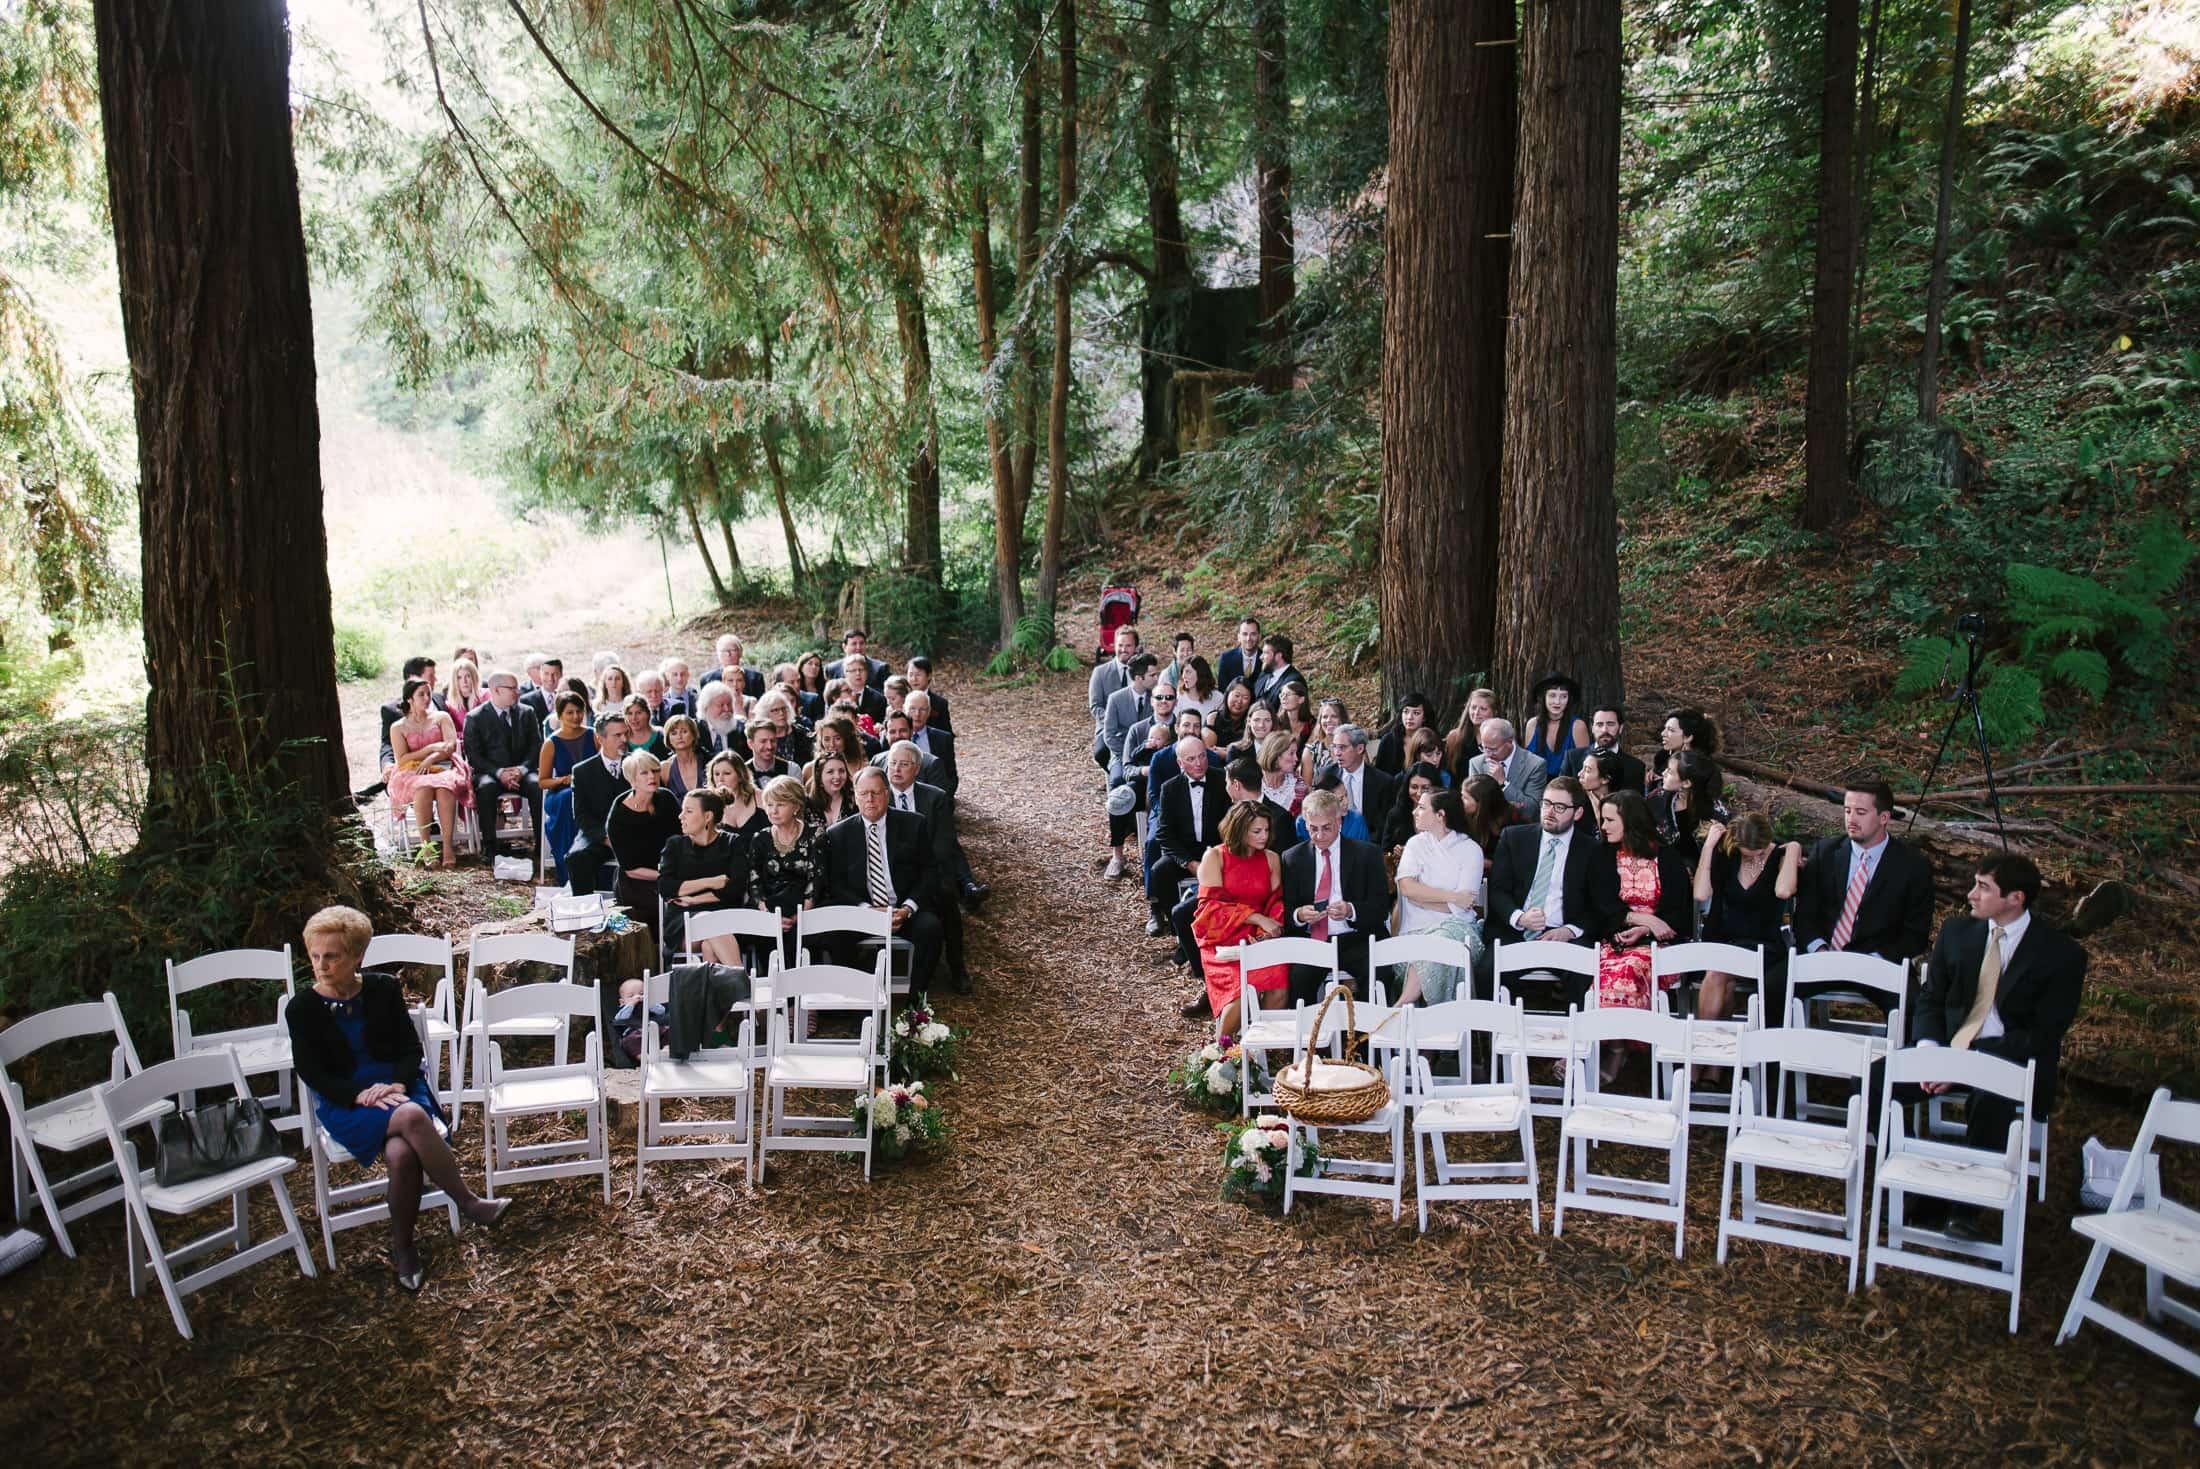 Oz Farm Wedding Ceremony Site